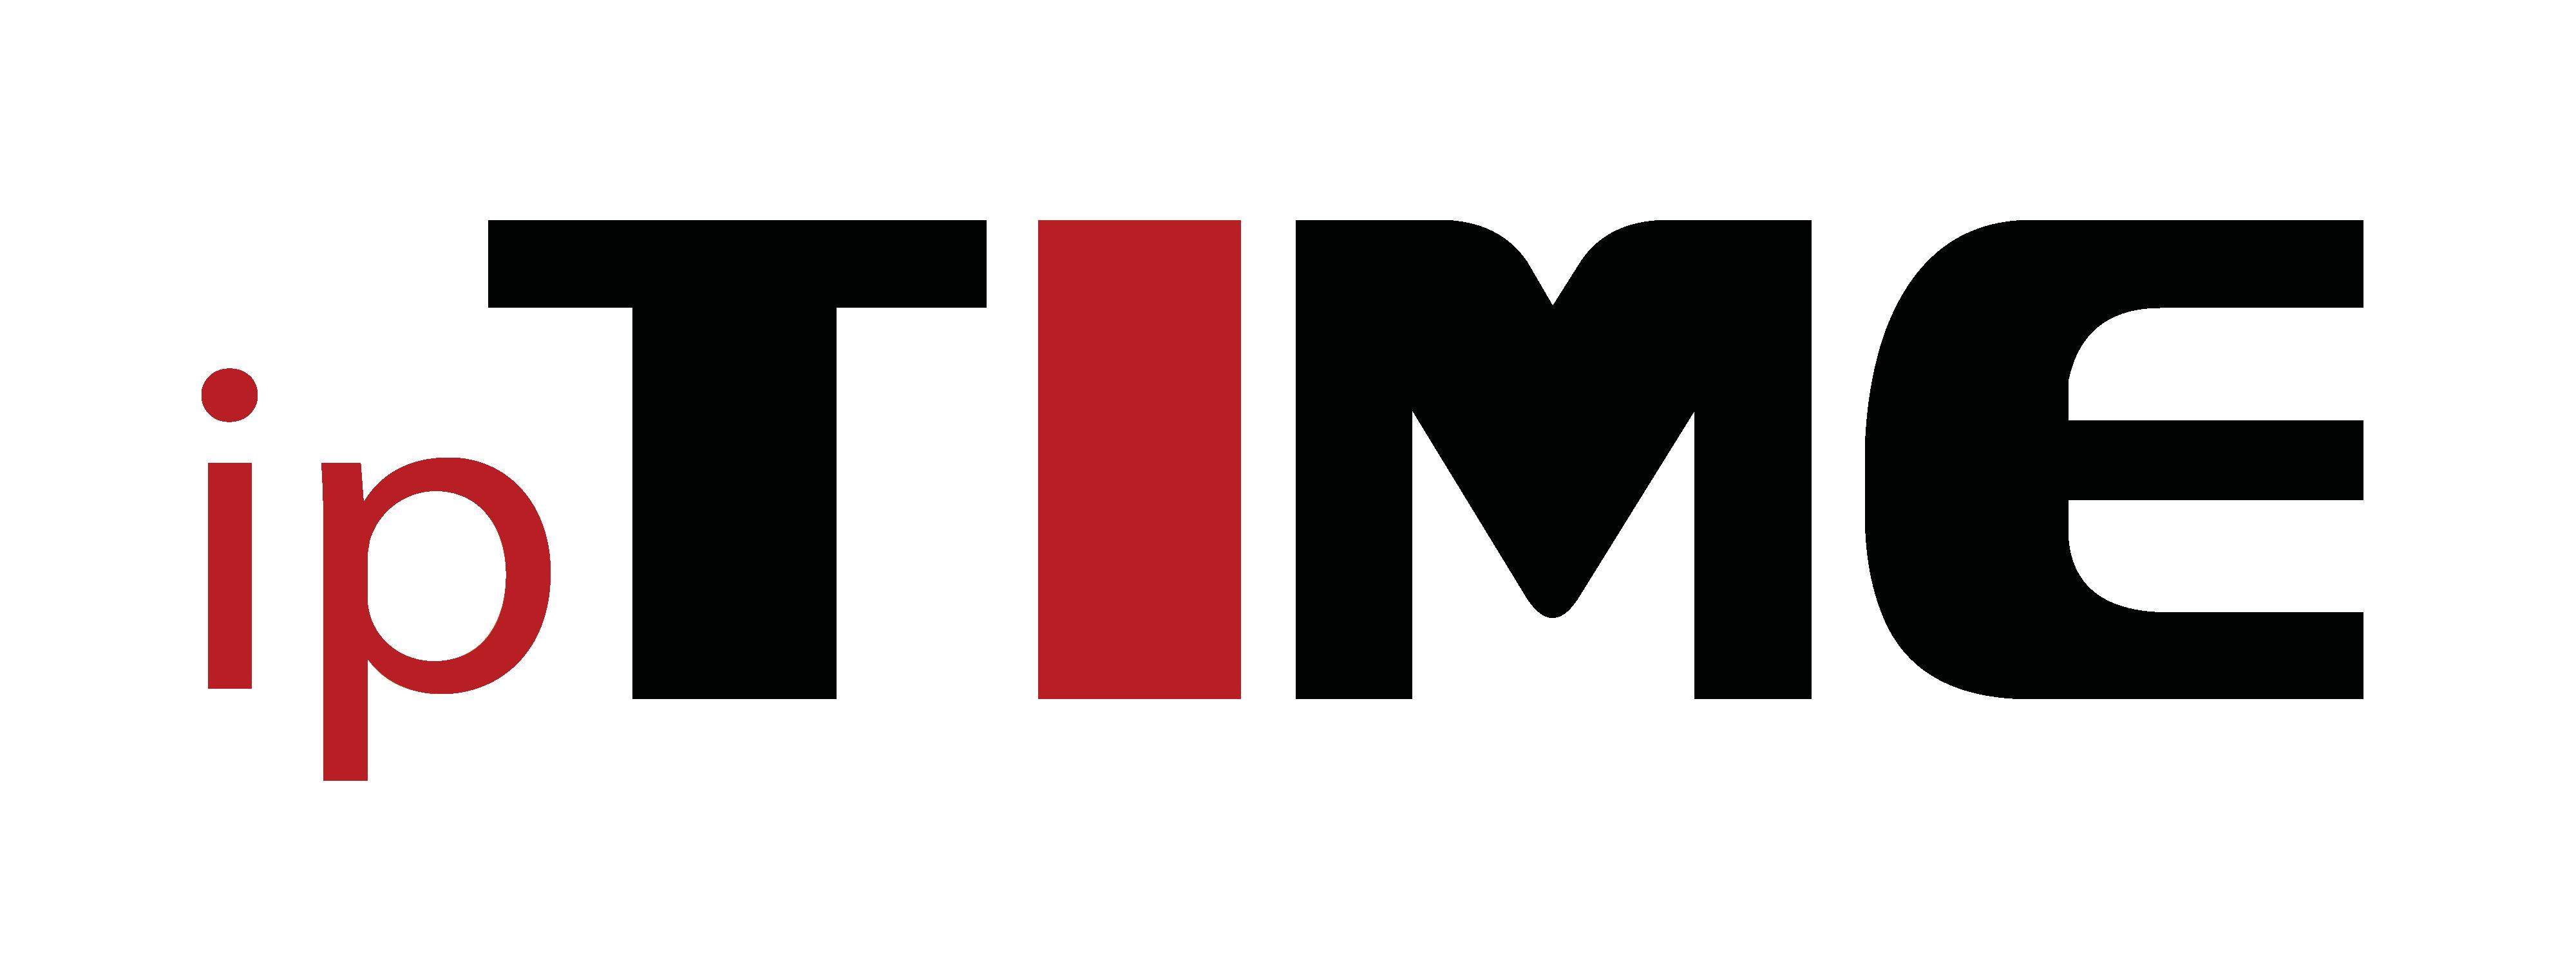 EFM - 스위치허브